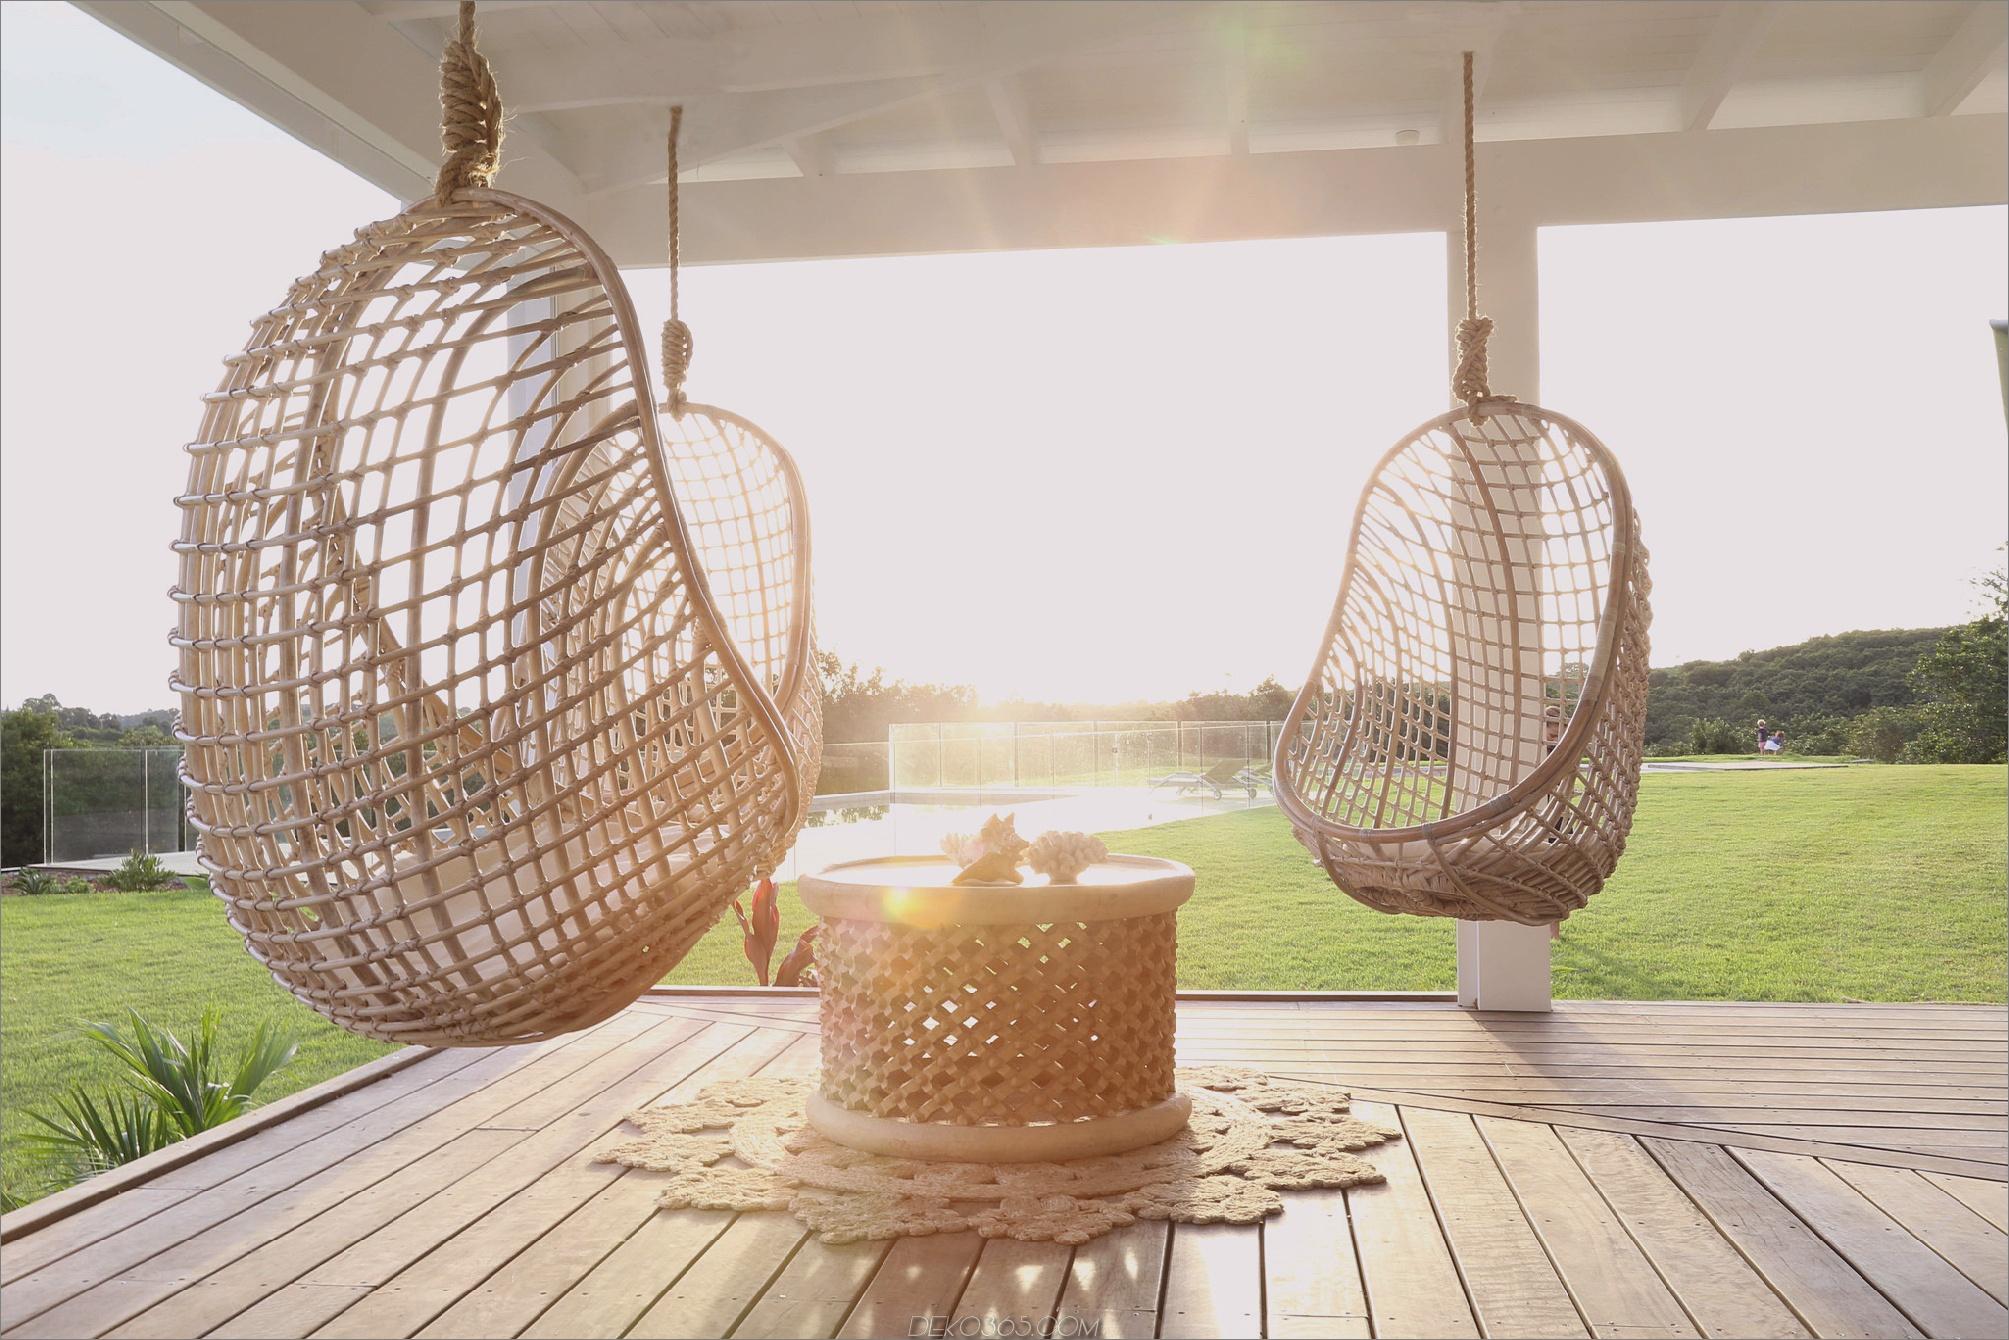 Veranda und Patio-Idee, die Sie diesen Herbst stehlen möchten_5c58bb55b1062.jpg